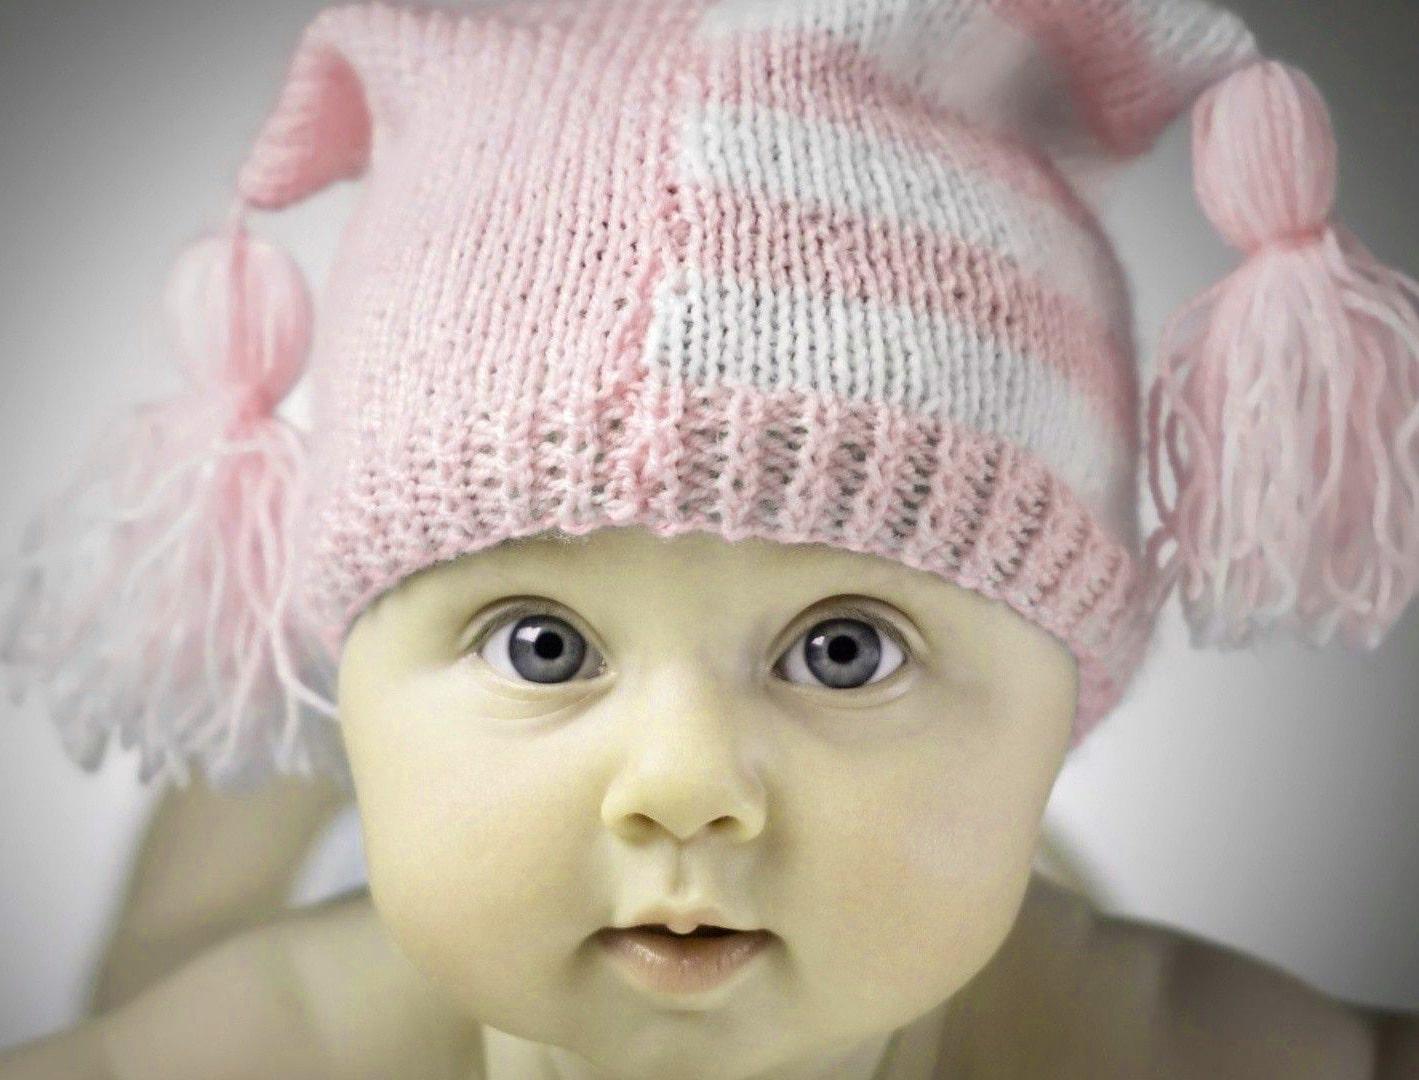 baby dp hd